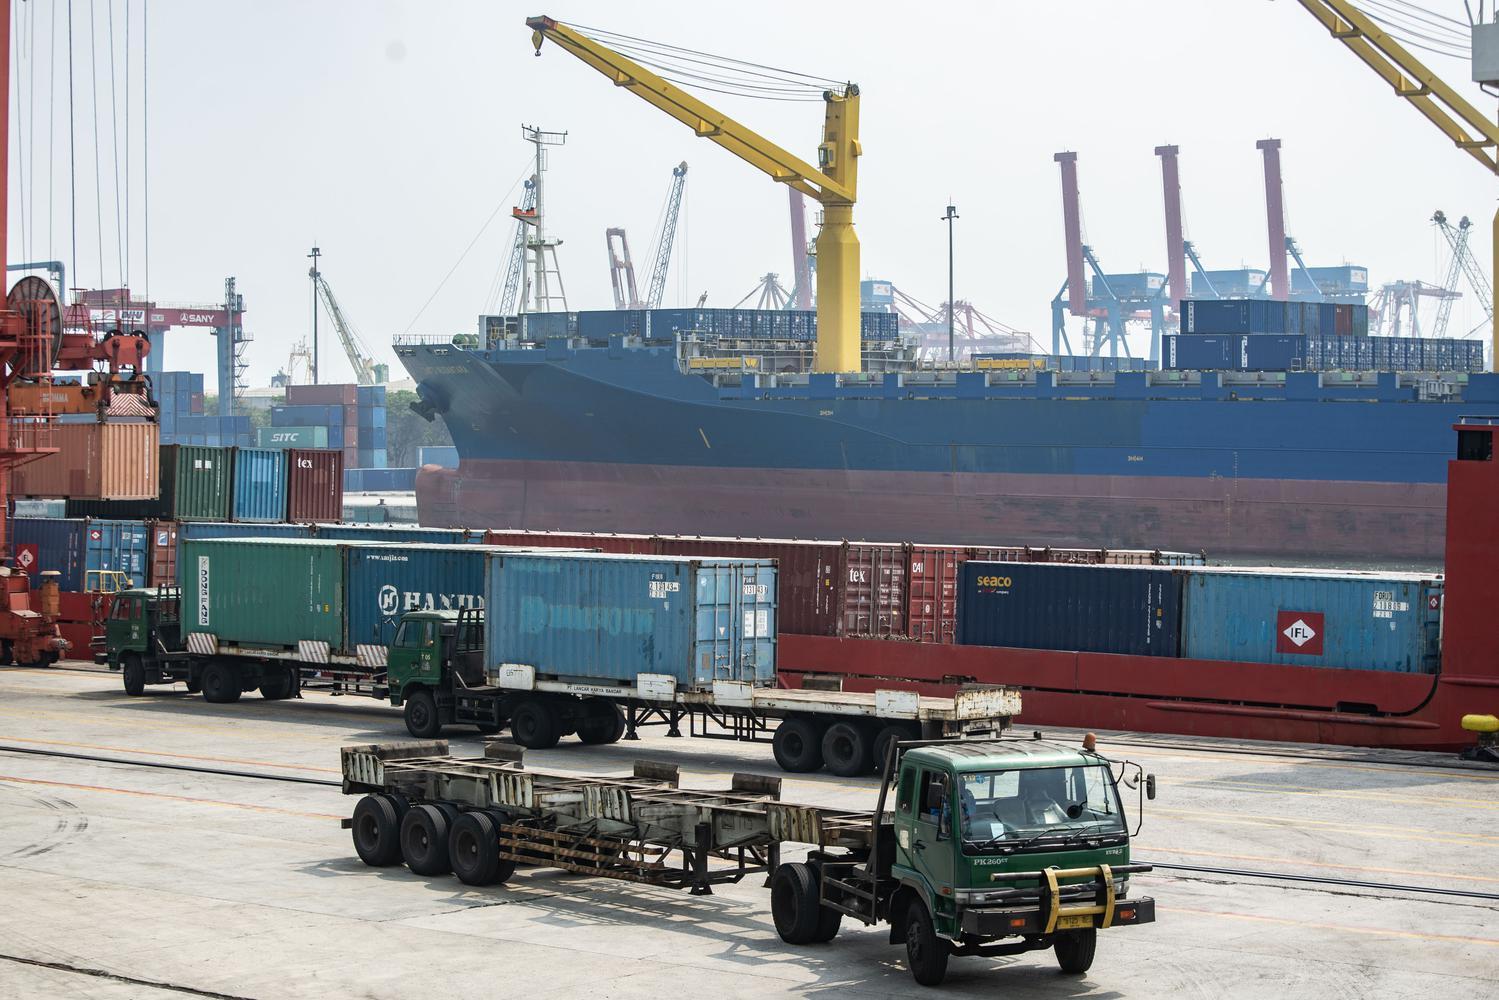 ekspor, impor, neraca perdagangan, defisit neraca perdagangan